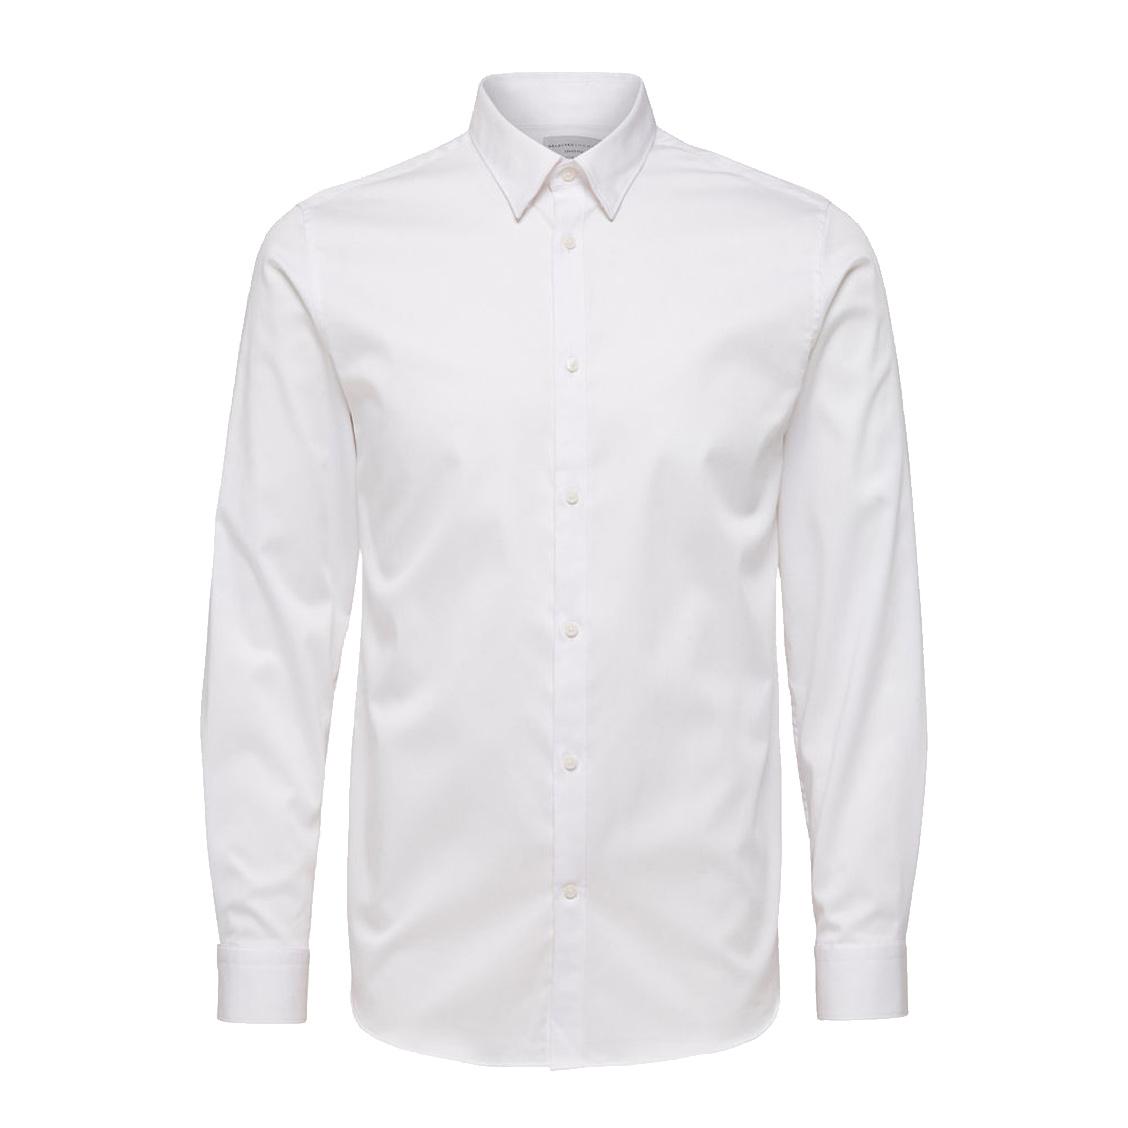 Chemise cintrée  en coton stretch blanc repassage facile